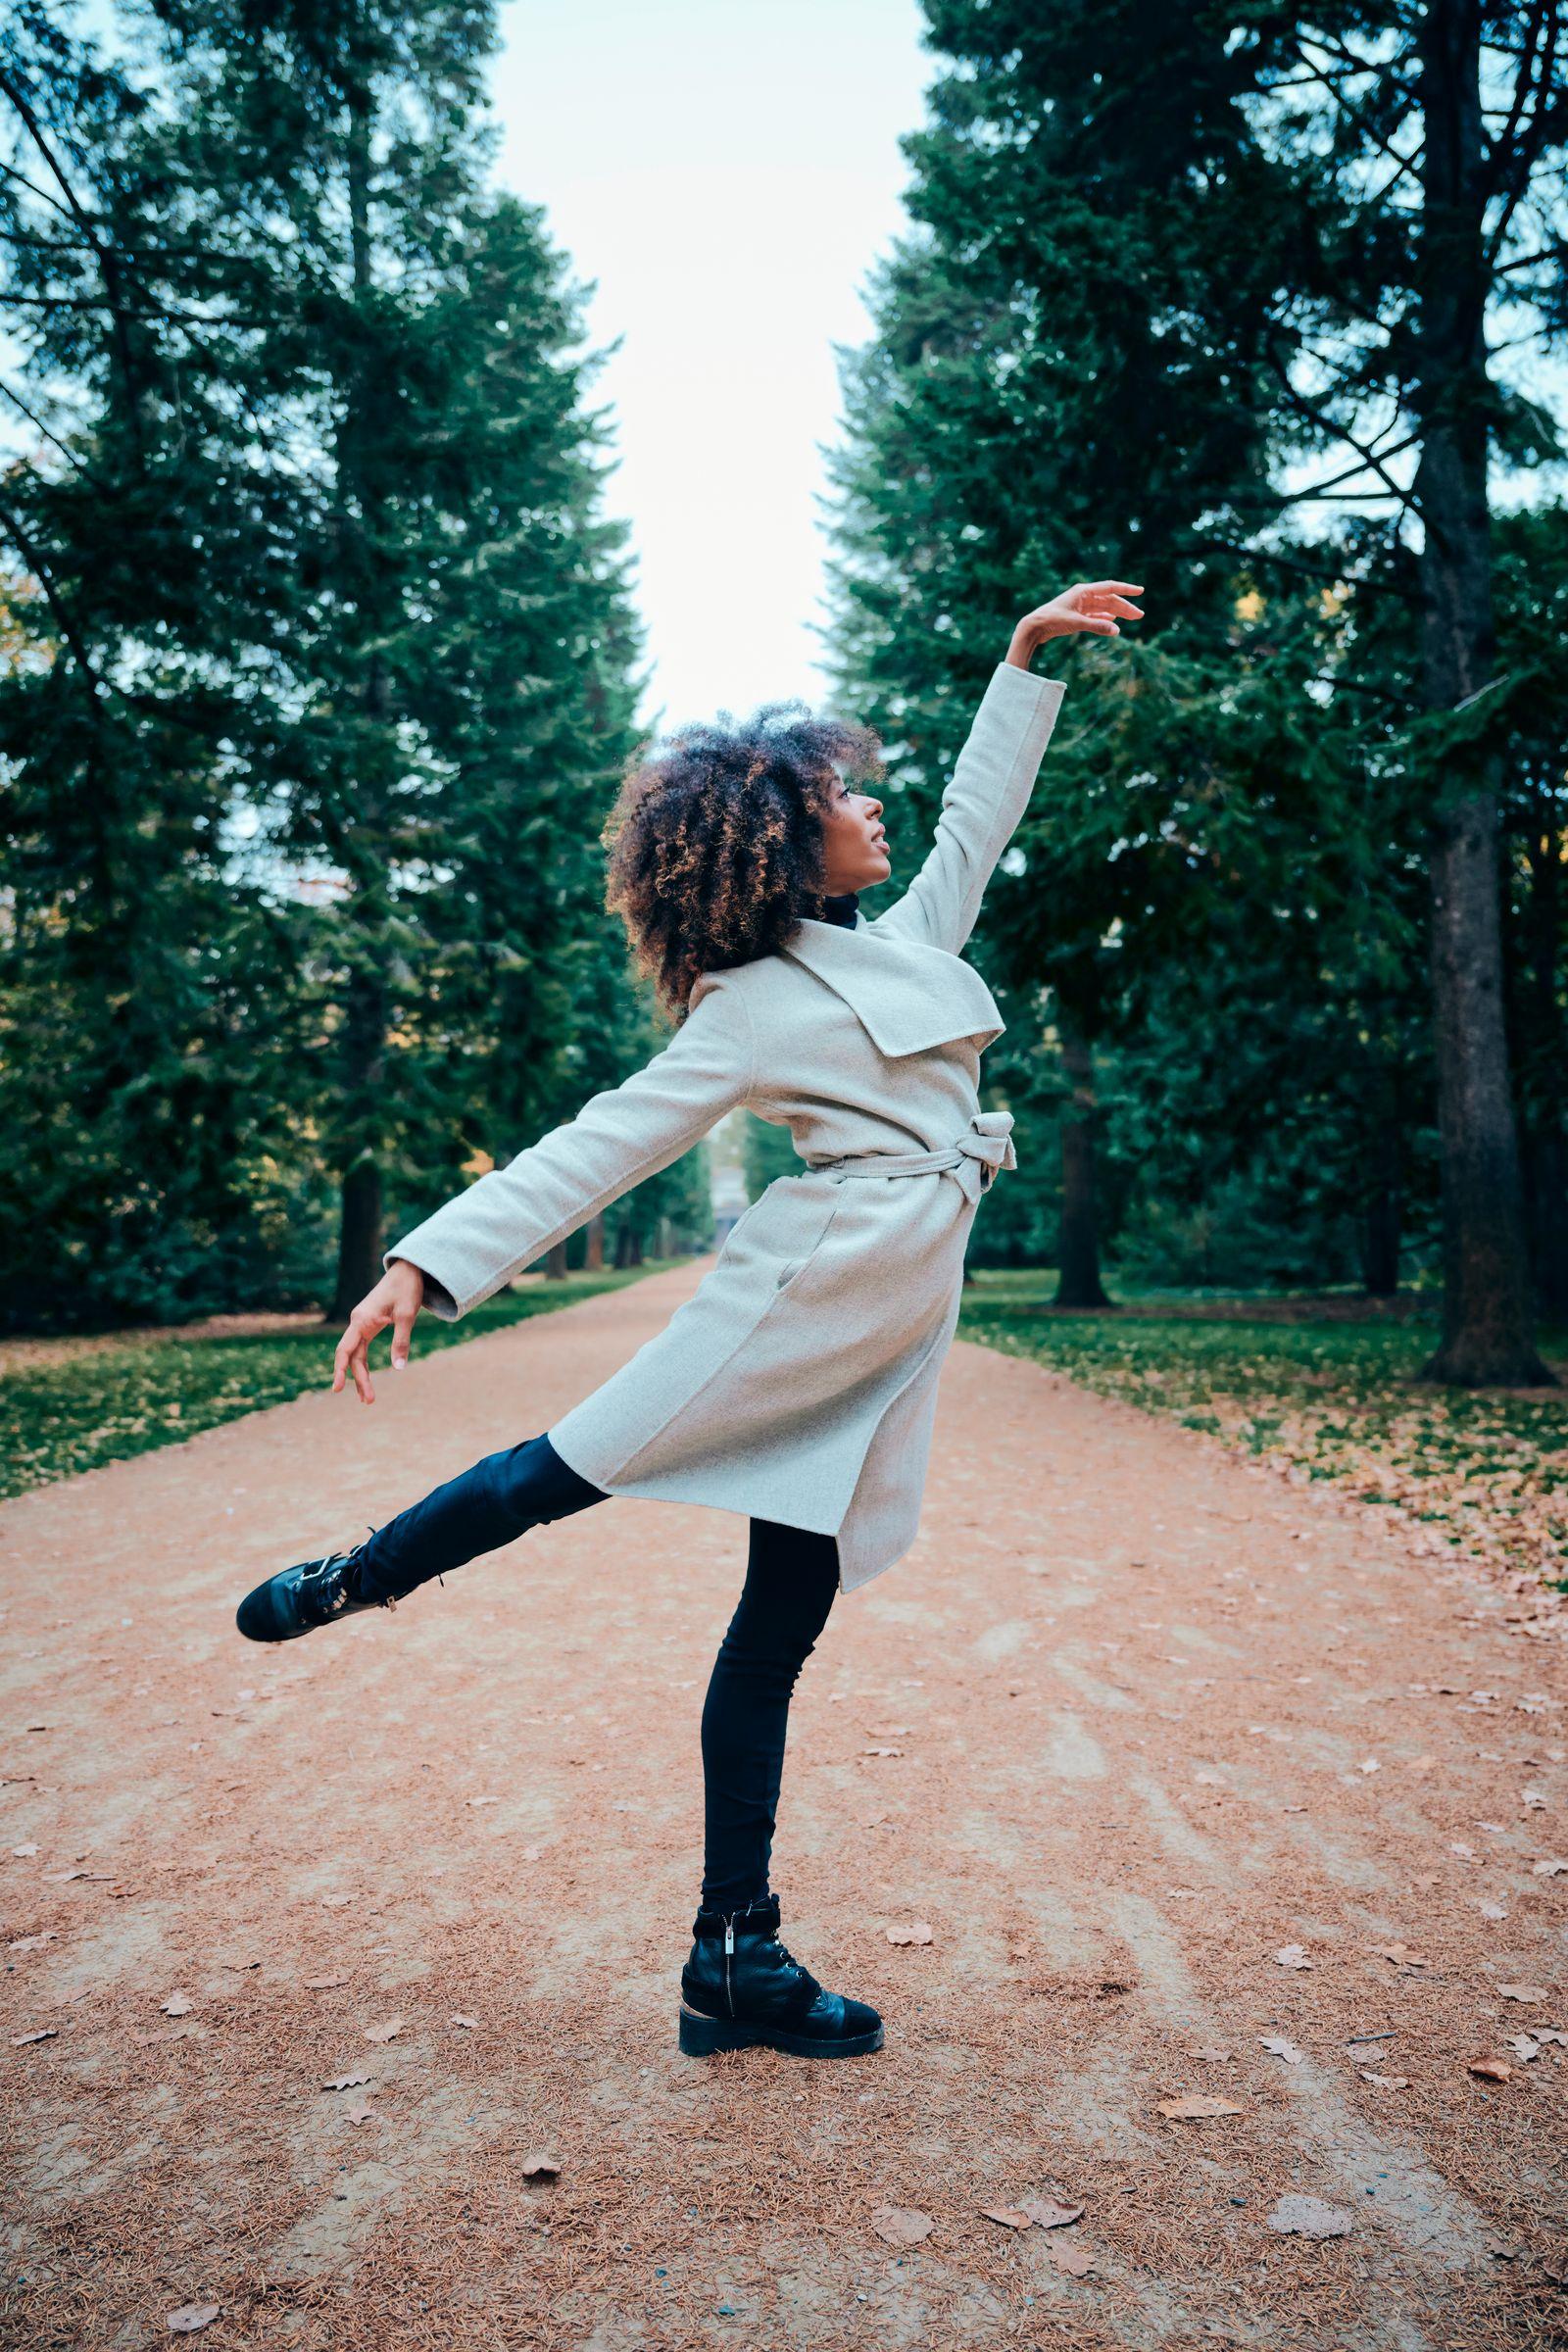 Fototermin | Portraits mit Frau Chloé Lopes Gomes, Ballerina an der Deutschen Oper Berlin anlässlich eines Interviews mit Frau Elisa von Hof (Redakteurin DER SPIEGEL) zum Thema Rassismus Motivgruppe: Portraits am 09.11.2020 im Schloßpark Charlottenburg